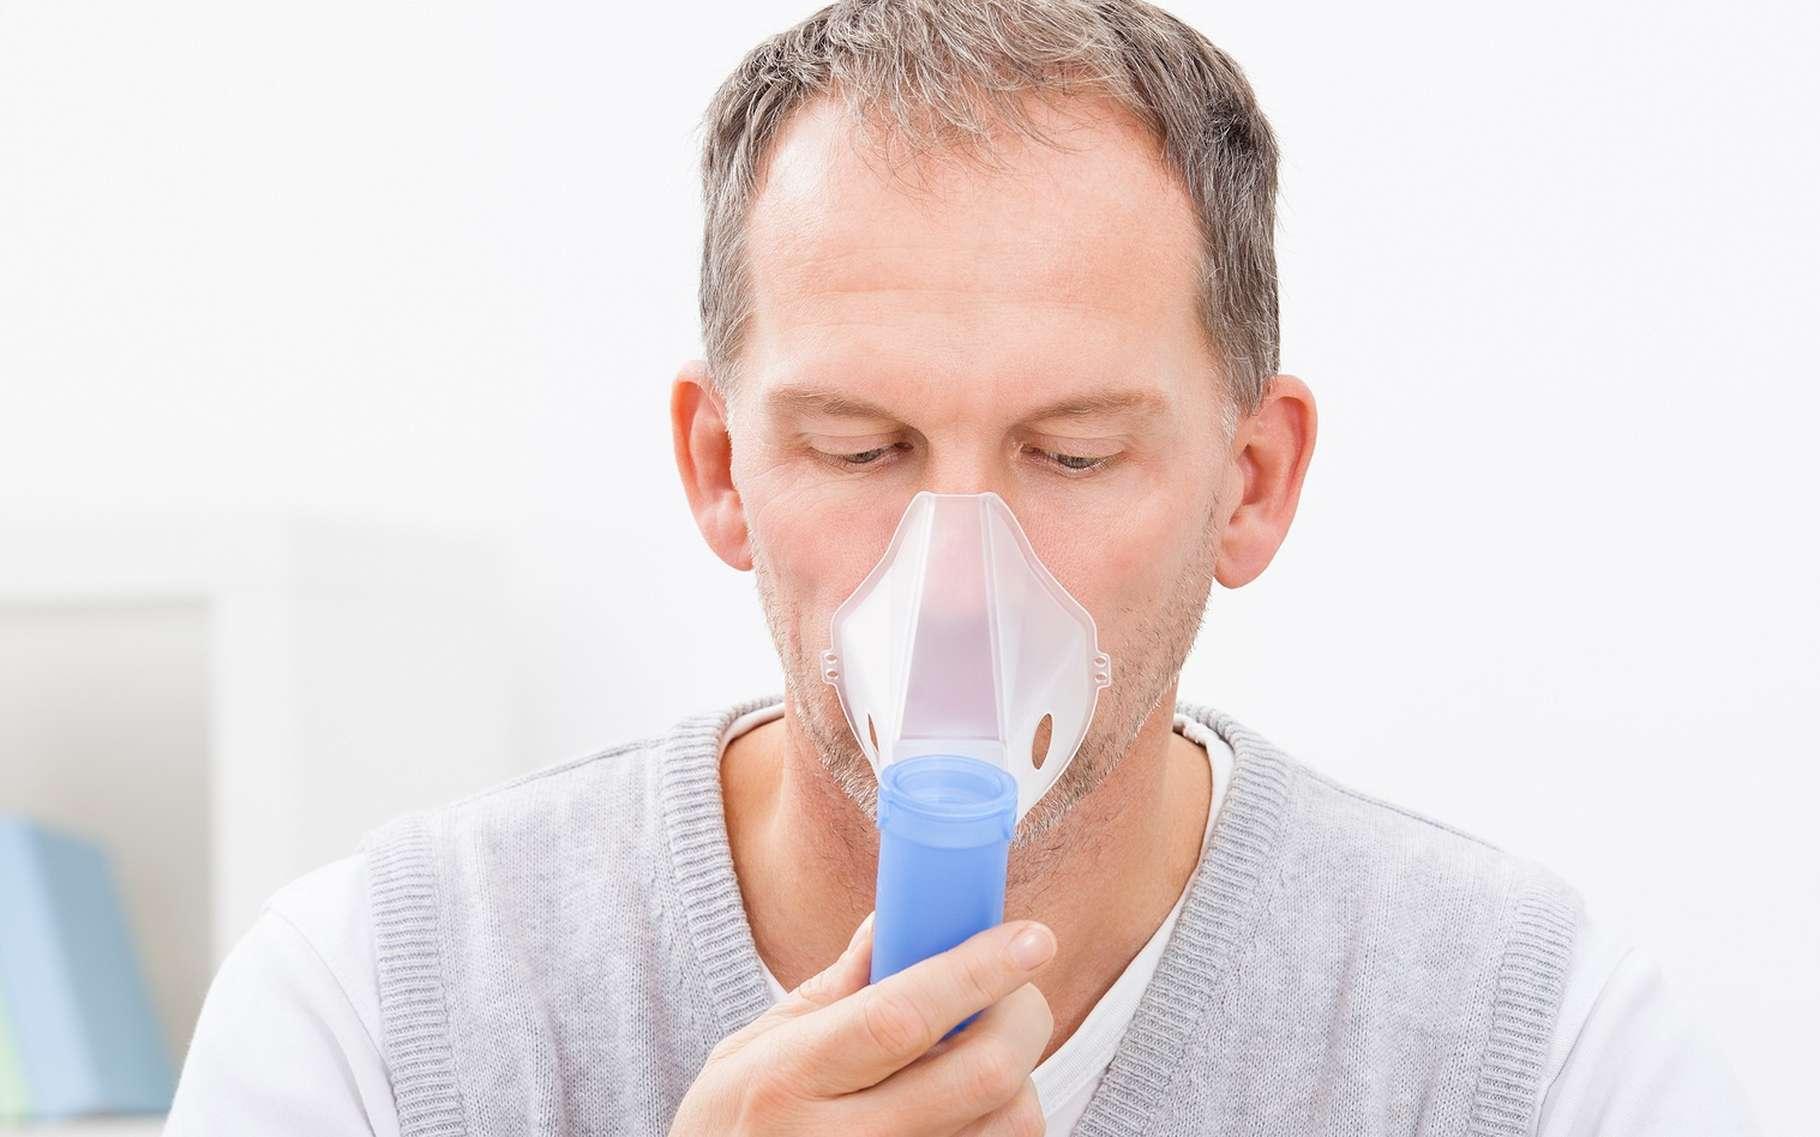 Les symptômes de la mucoviscidose sont à la fois respiratoires et gastro-intestinaux. © Andrey_Popov, Shutterstock